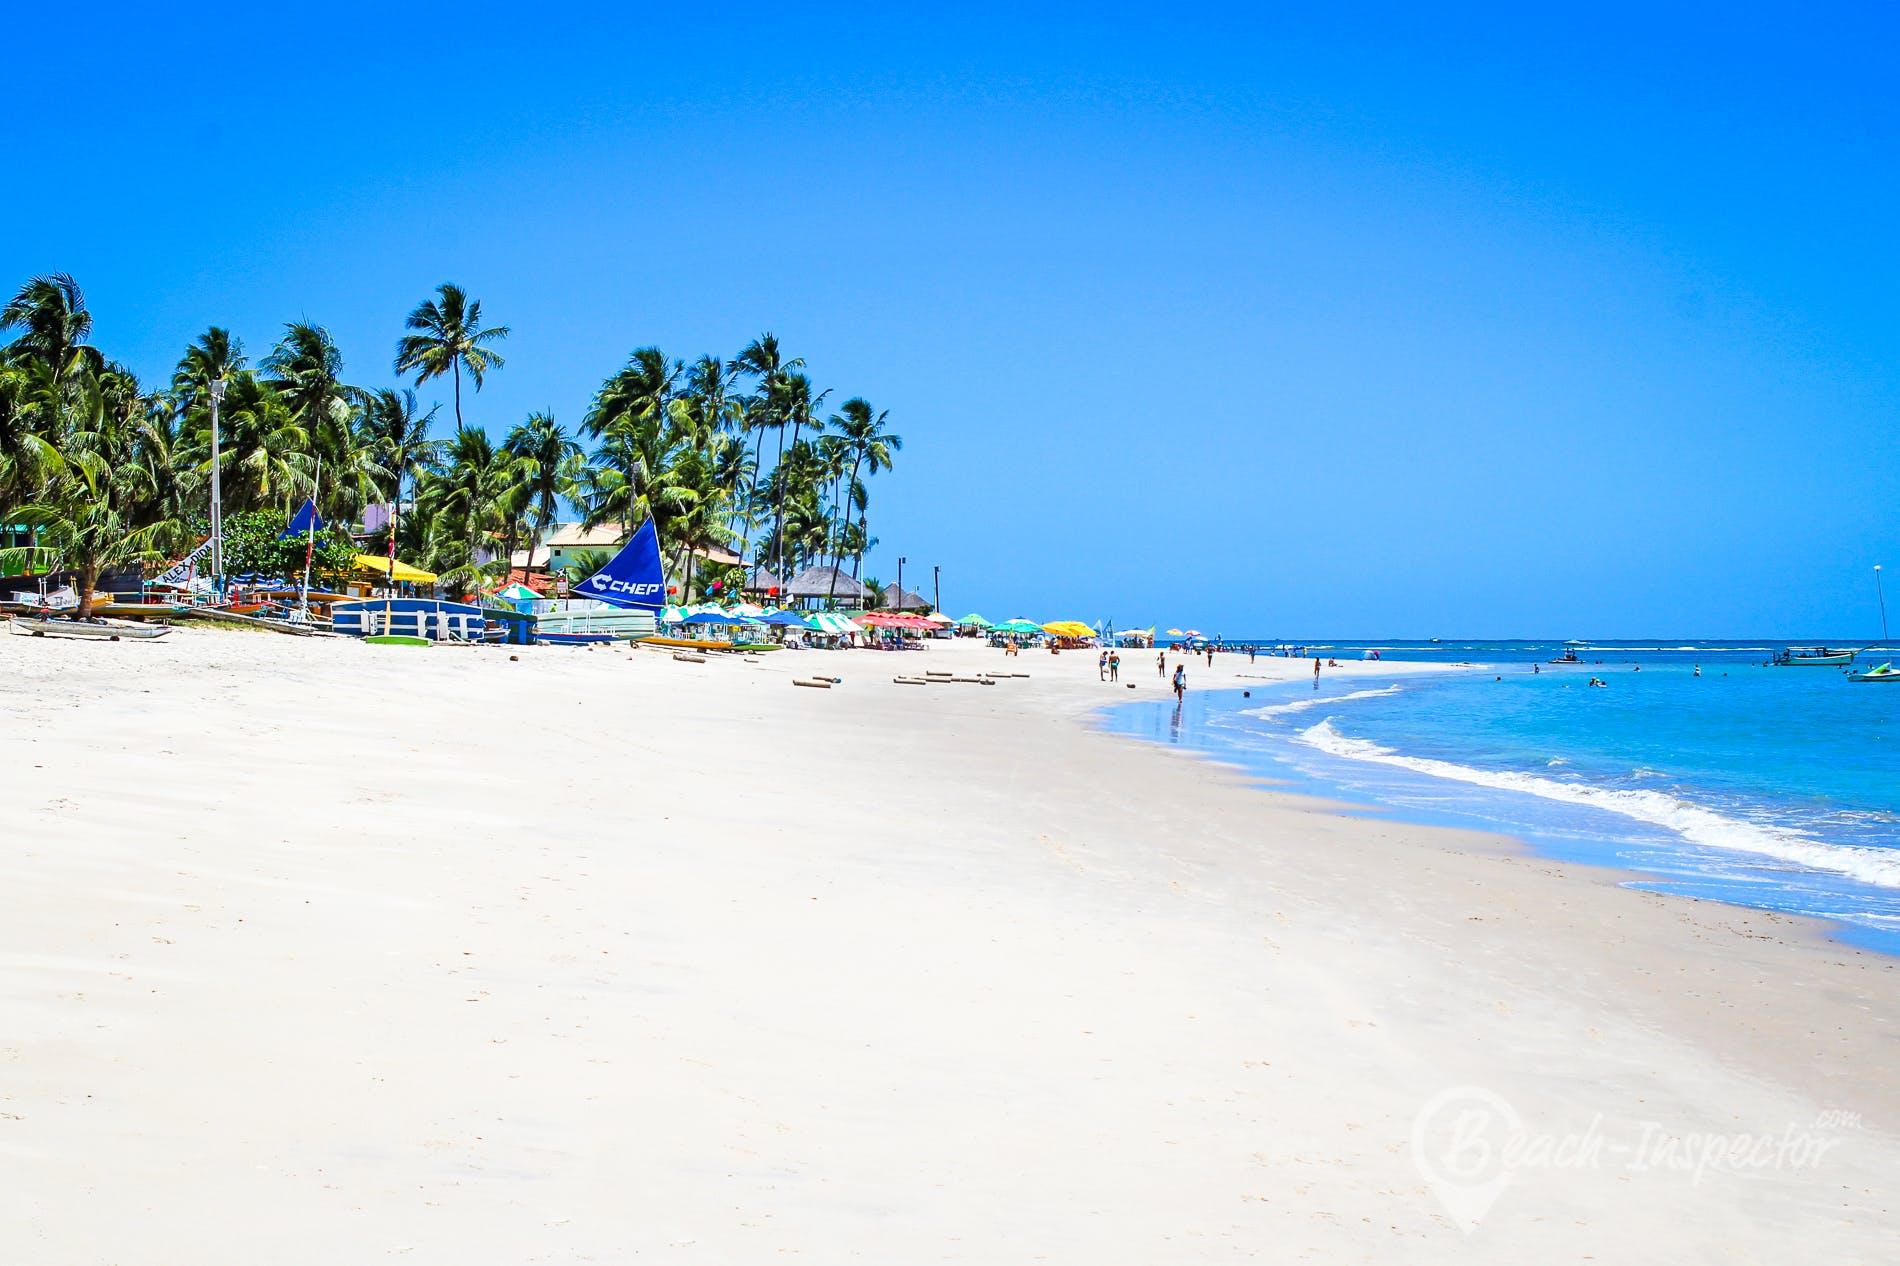 Strand Praia Porto de Galinhas, Pernambuco, Brasilien